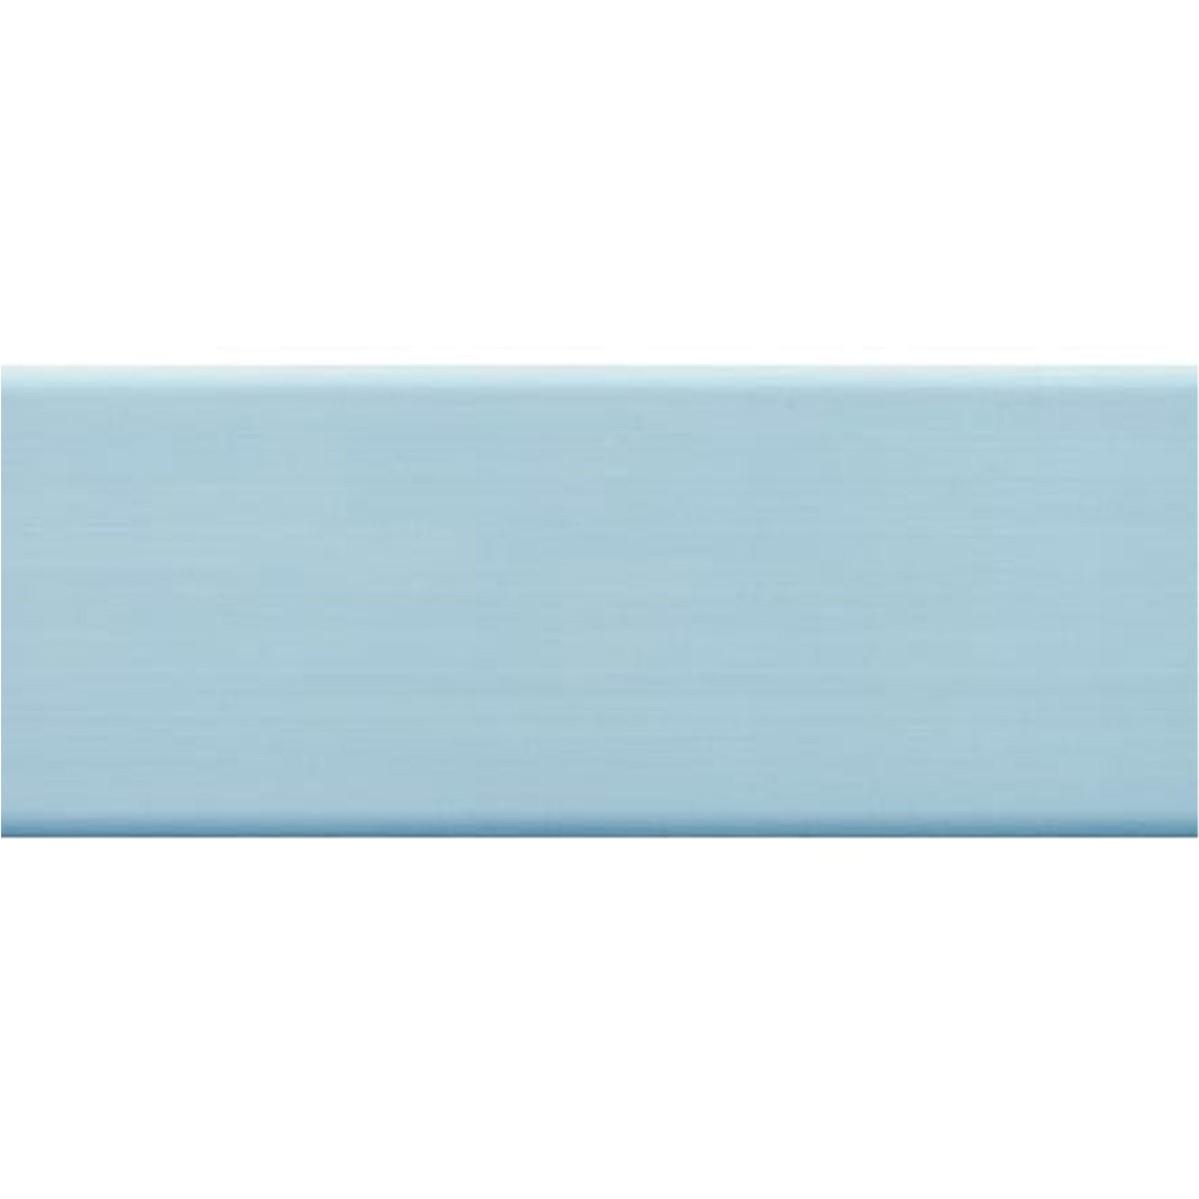 W00137 GALA BLUE